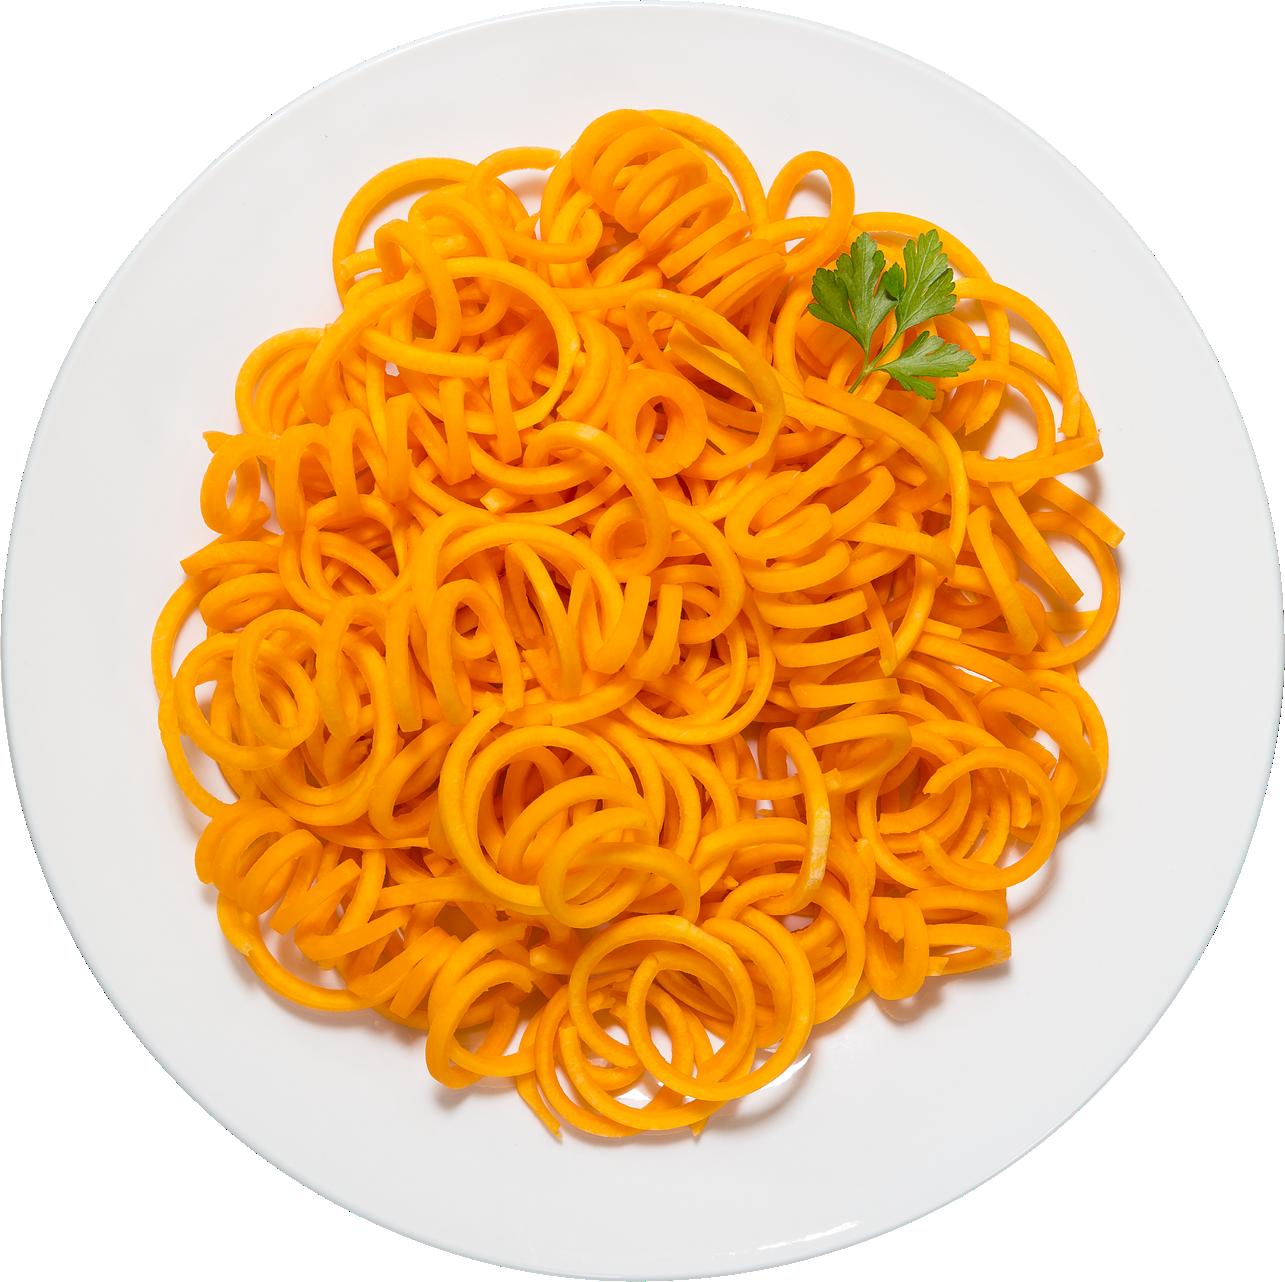 Noodles clipart spagetti. Healthier way gluten free